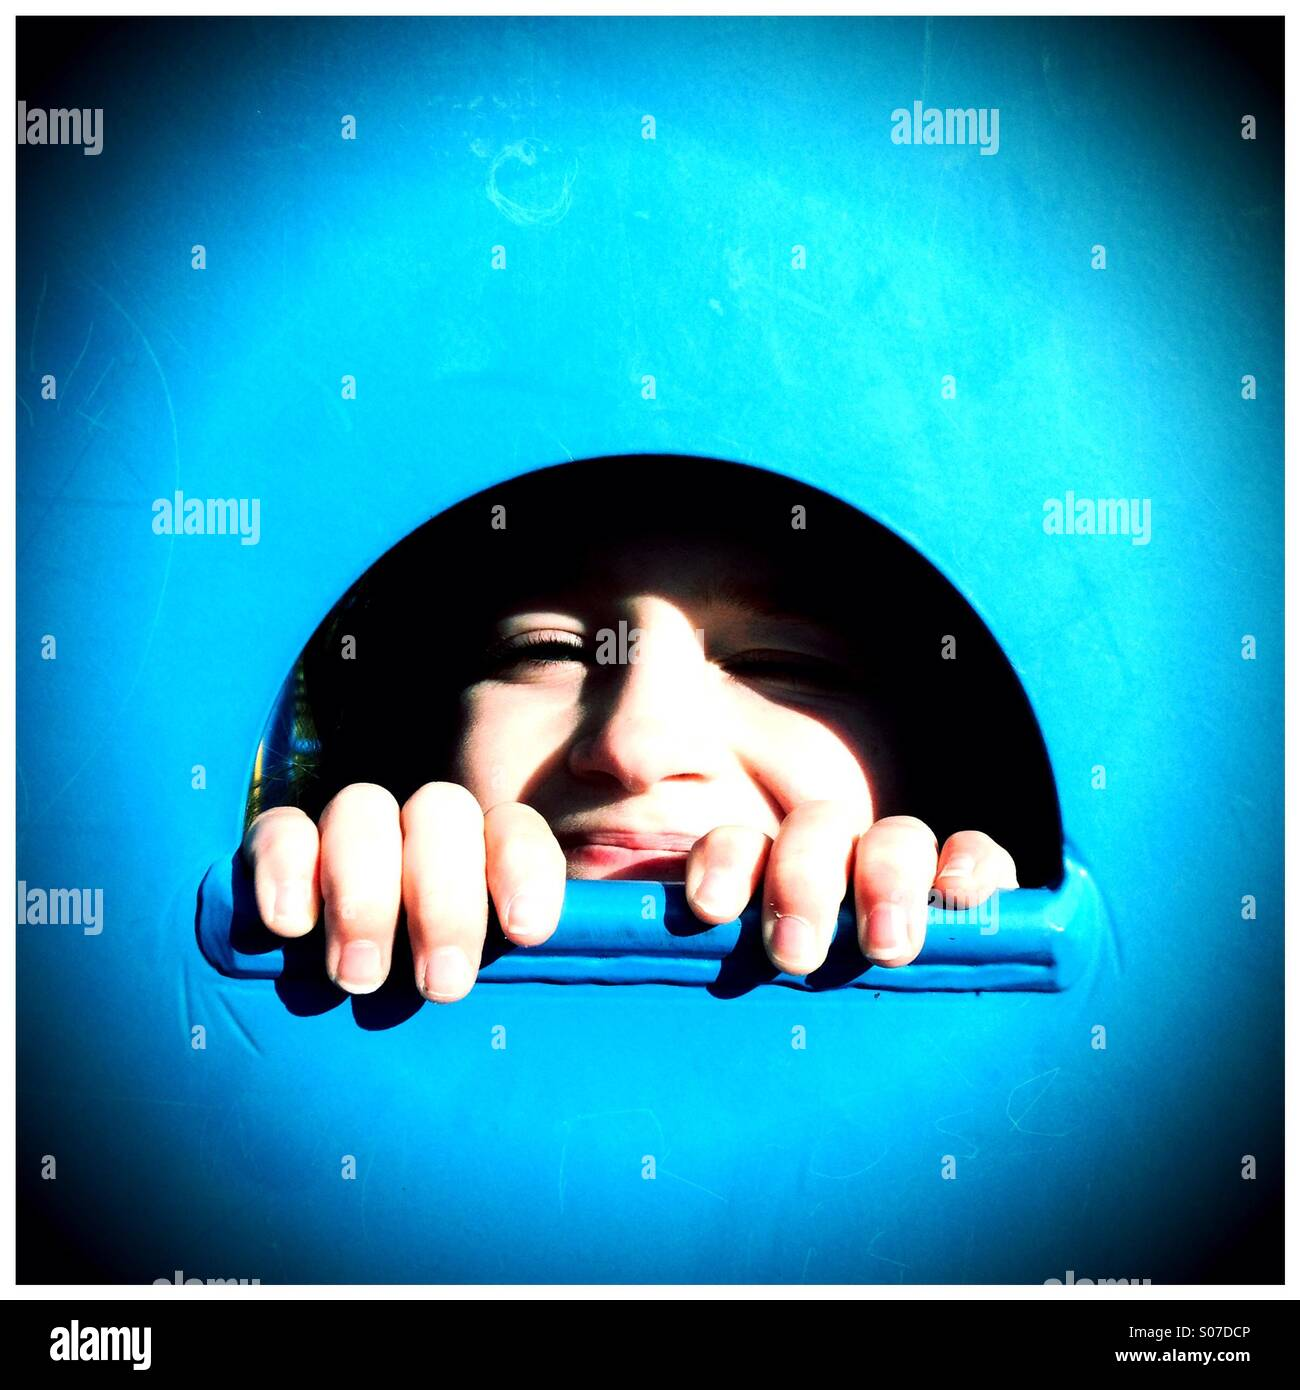 Peek-a-boo - Stock Image